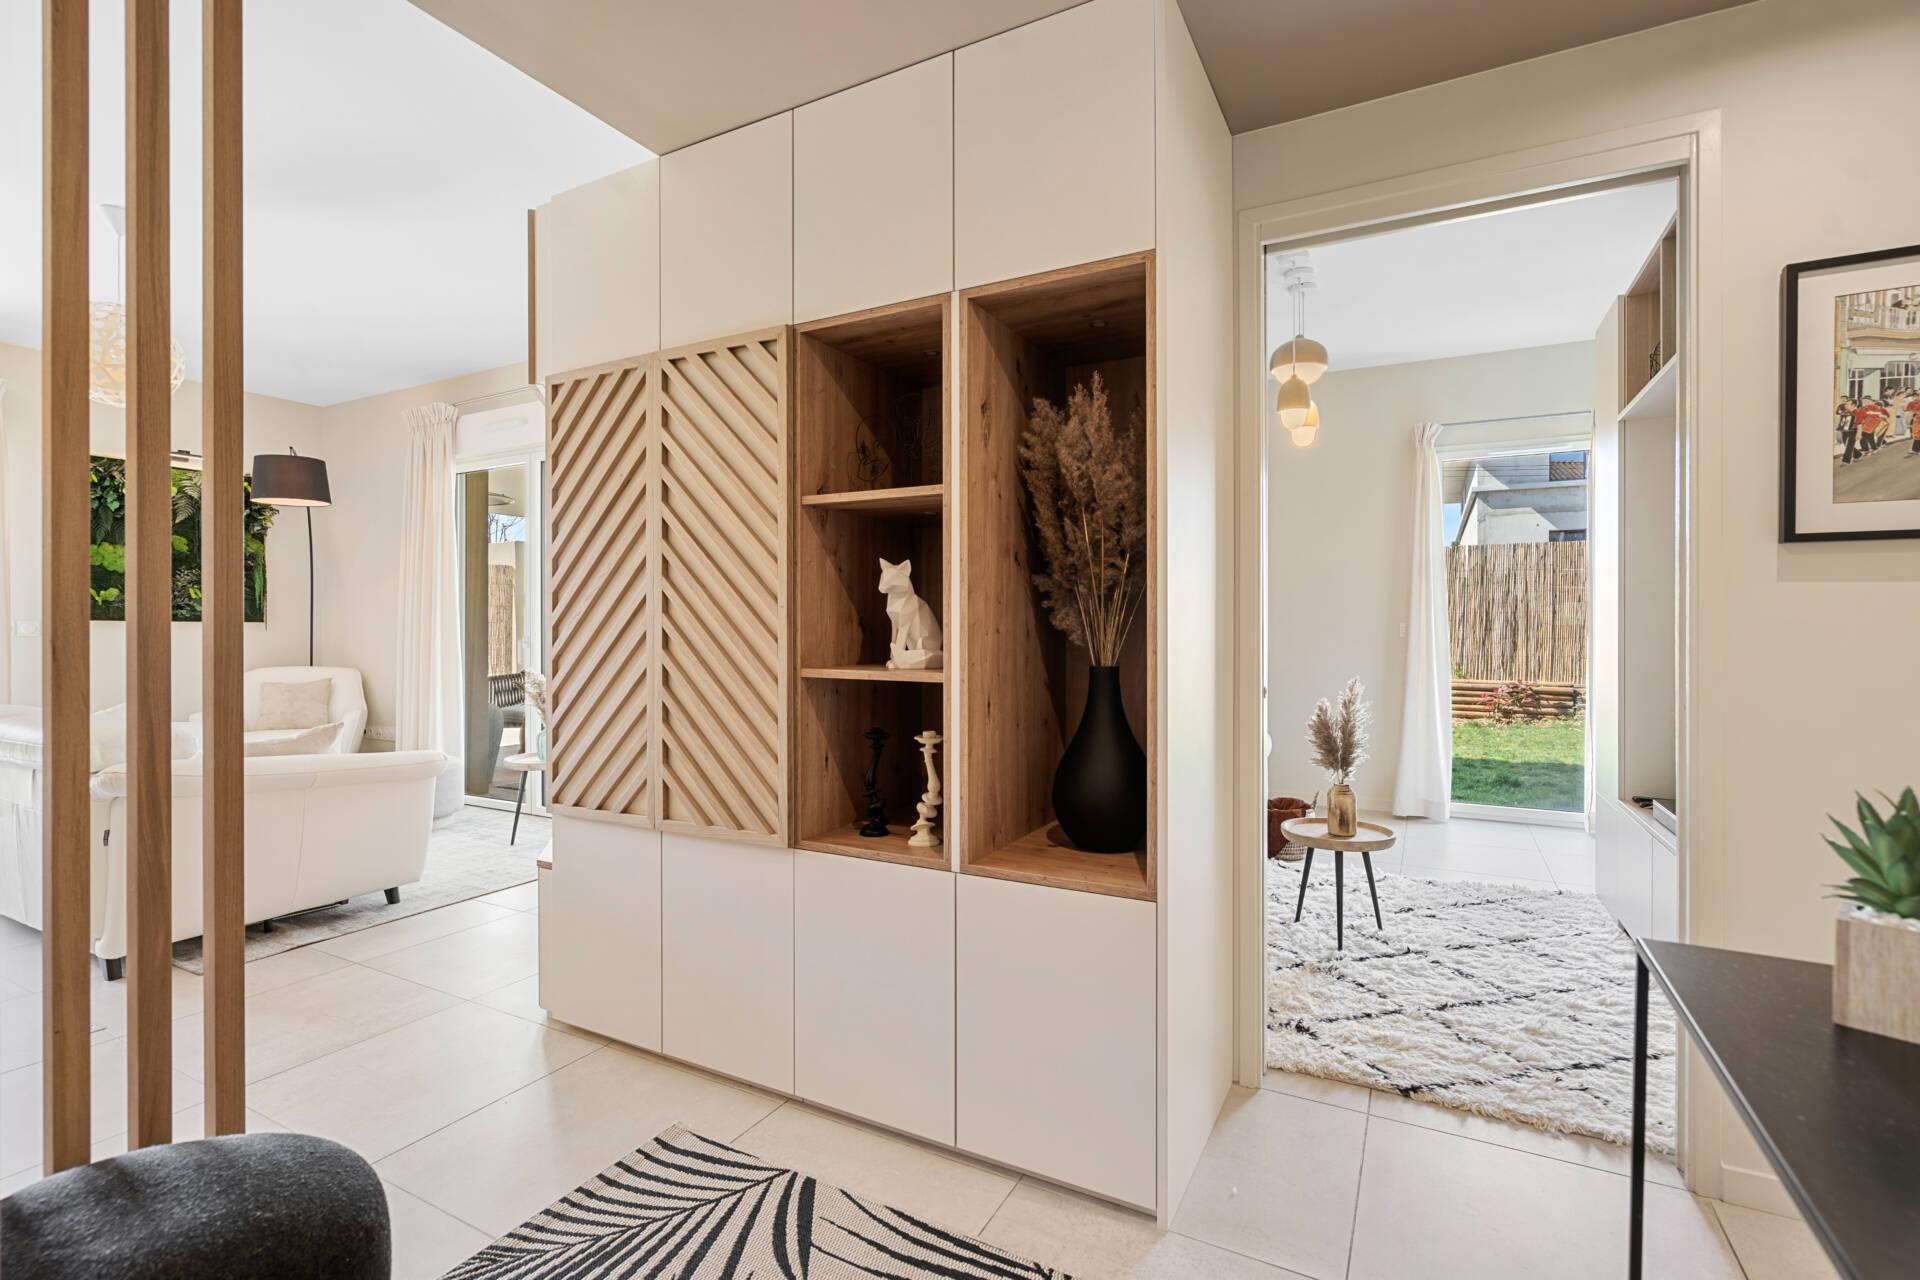 Décoration et agencement Appartement neuf Aix en Provence - Entrée avec meuble sur mesure bois et blanc, par Myll décors , Agence de décoration à Aix en Provence et dans le Var